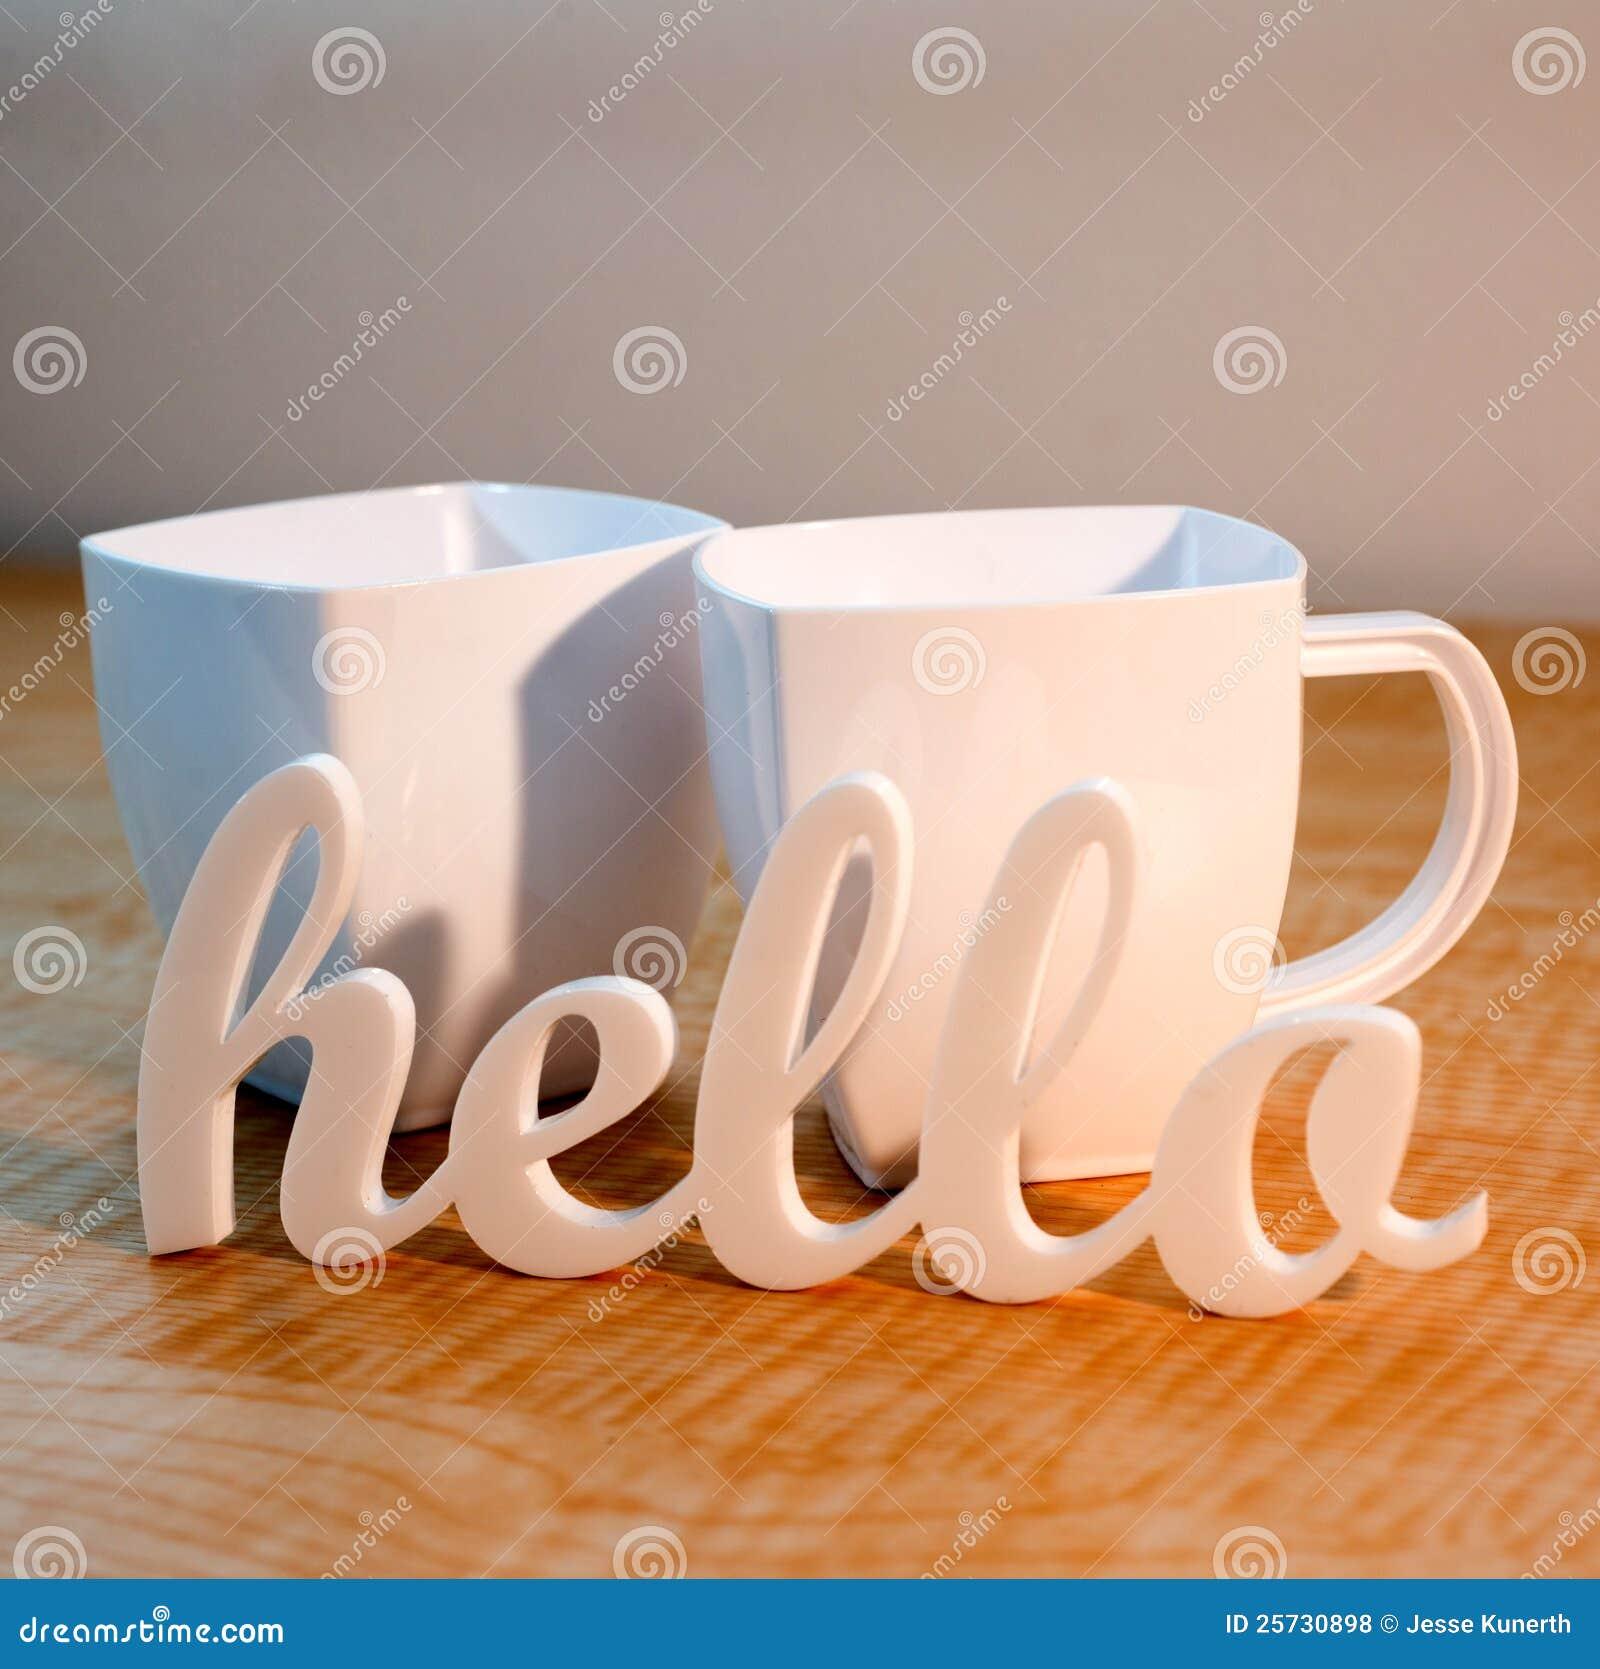 Petites Tasses Caf Ef Bf Bd M M S